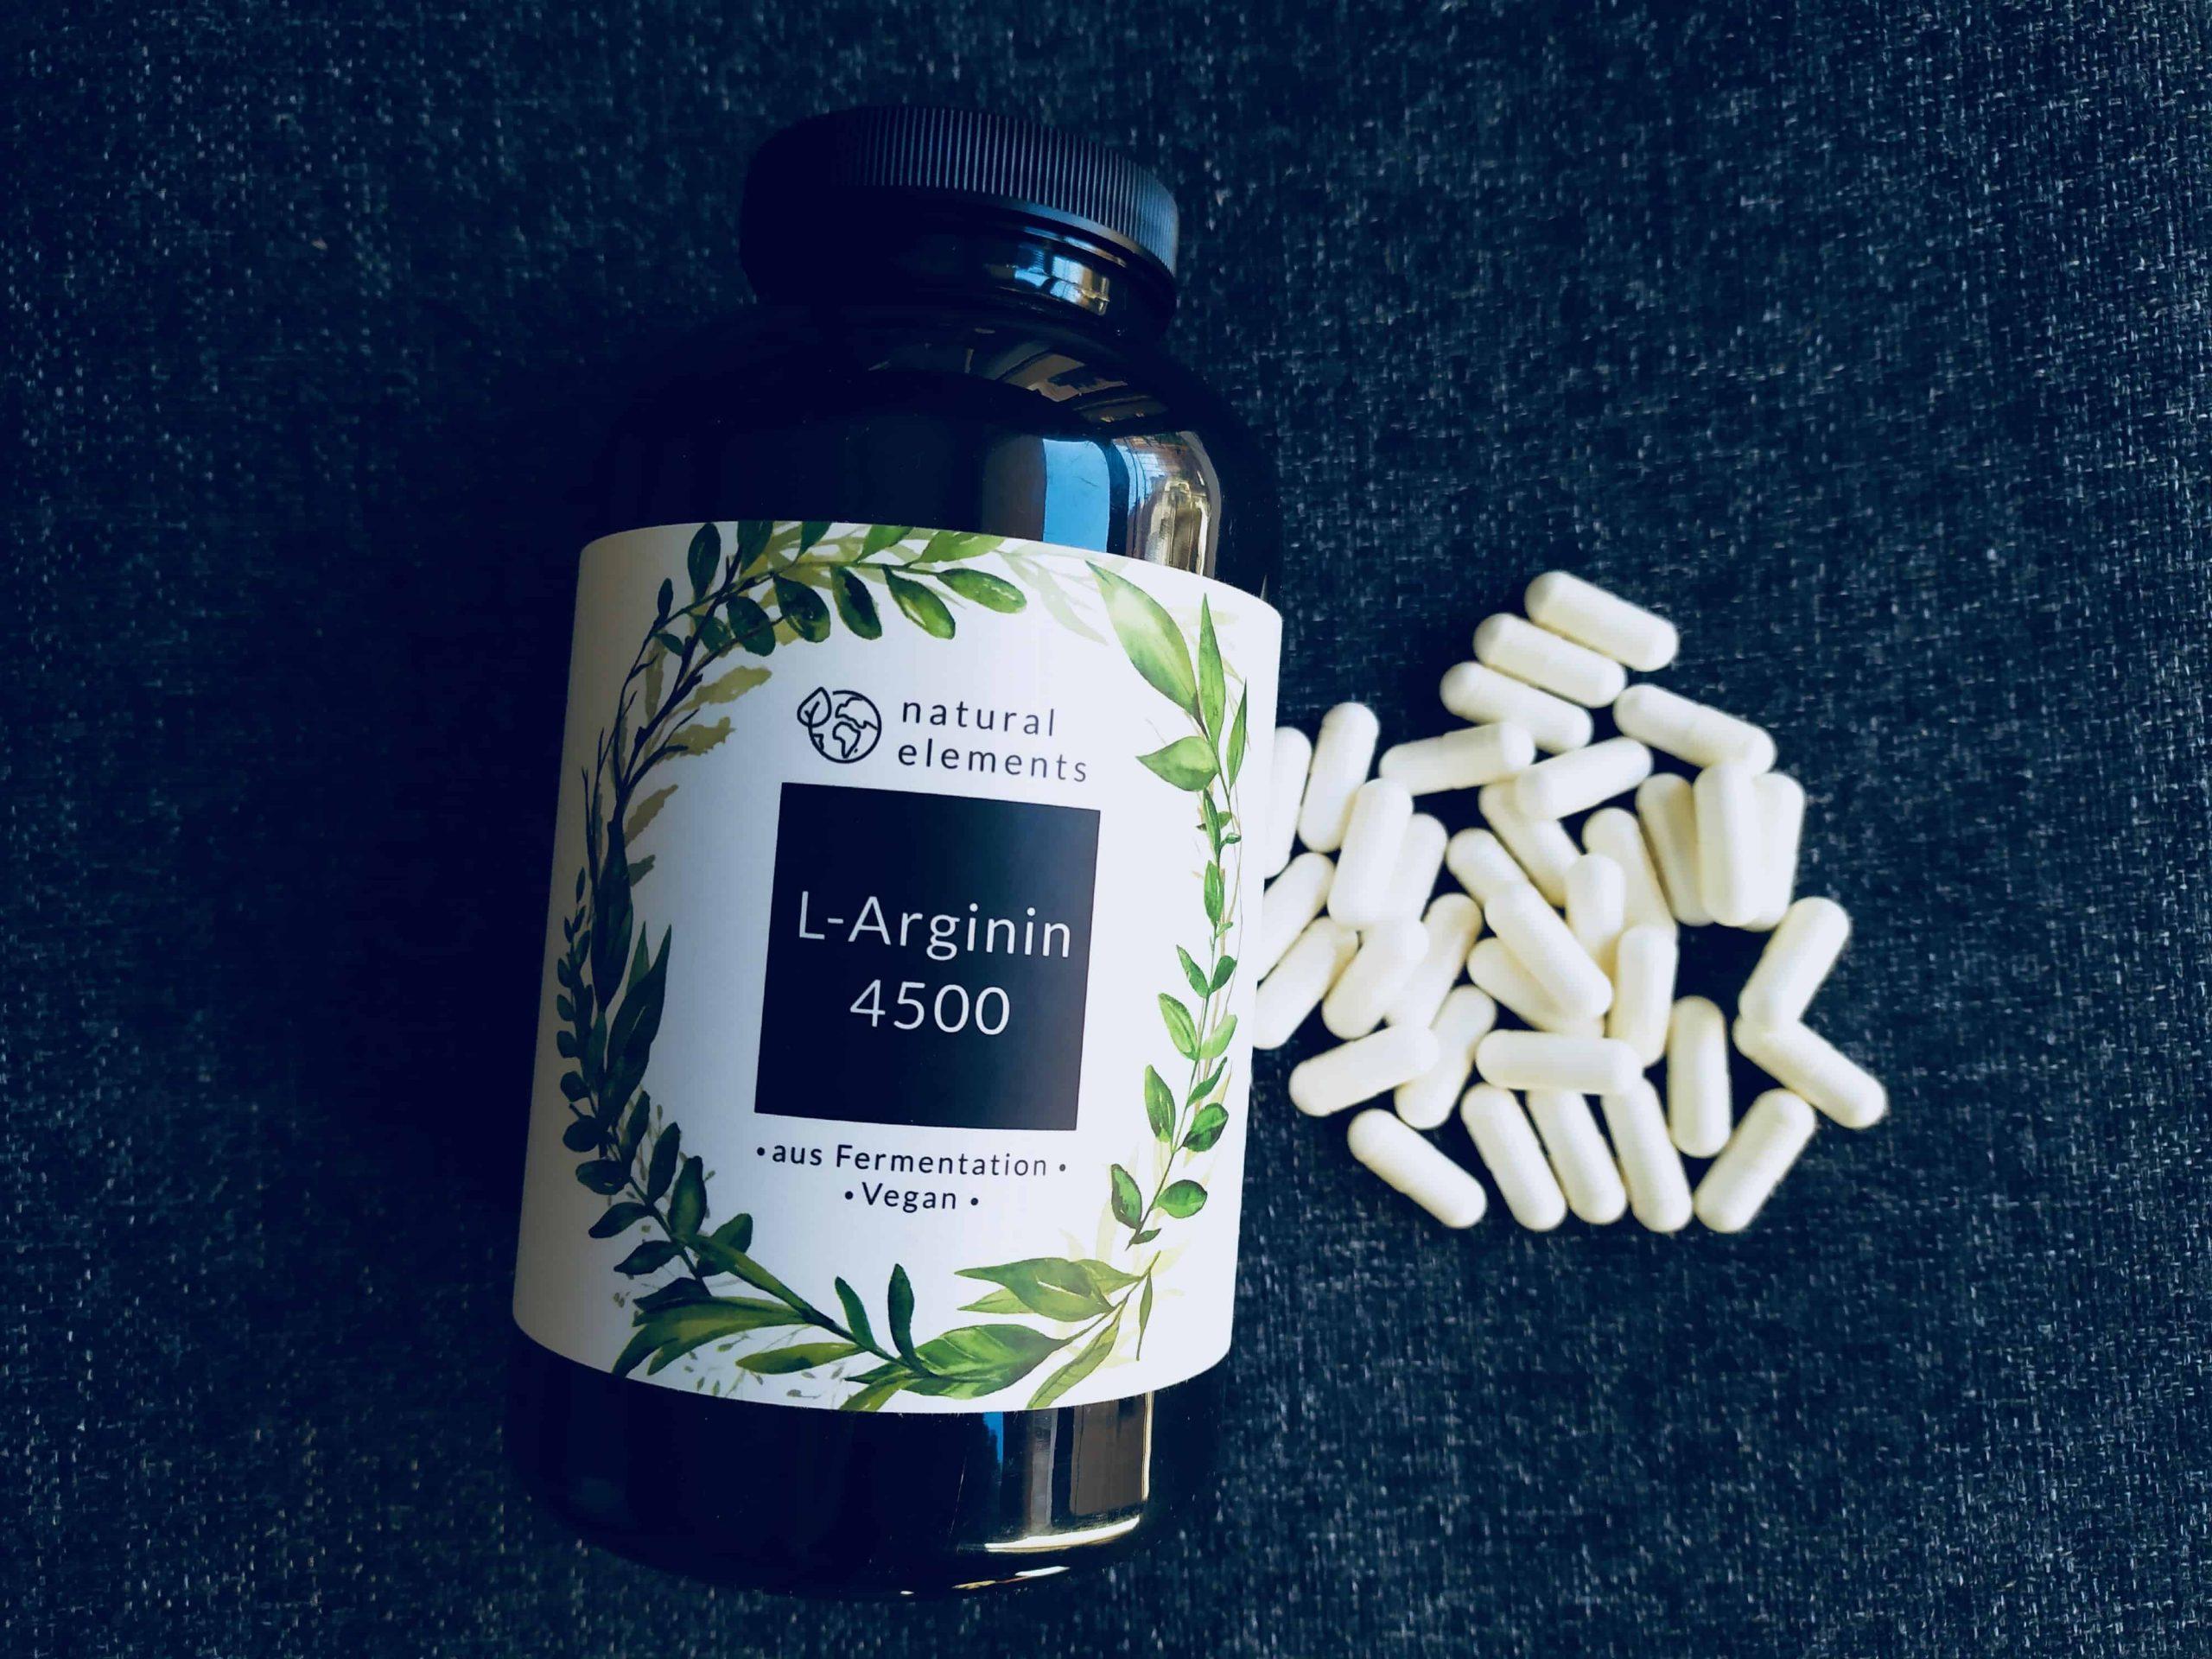 L-Arginin: Test & Empfehlungen (07/20)